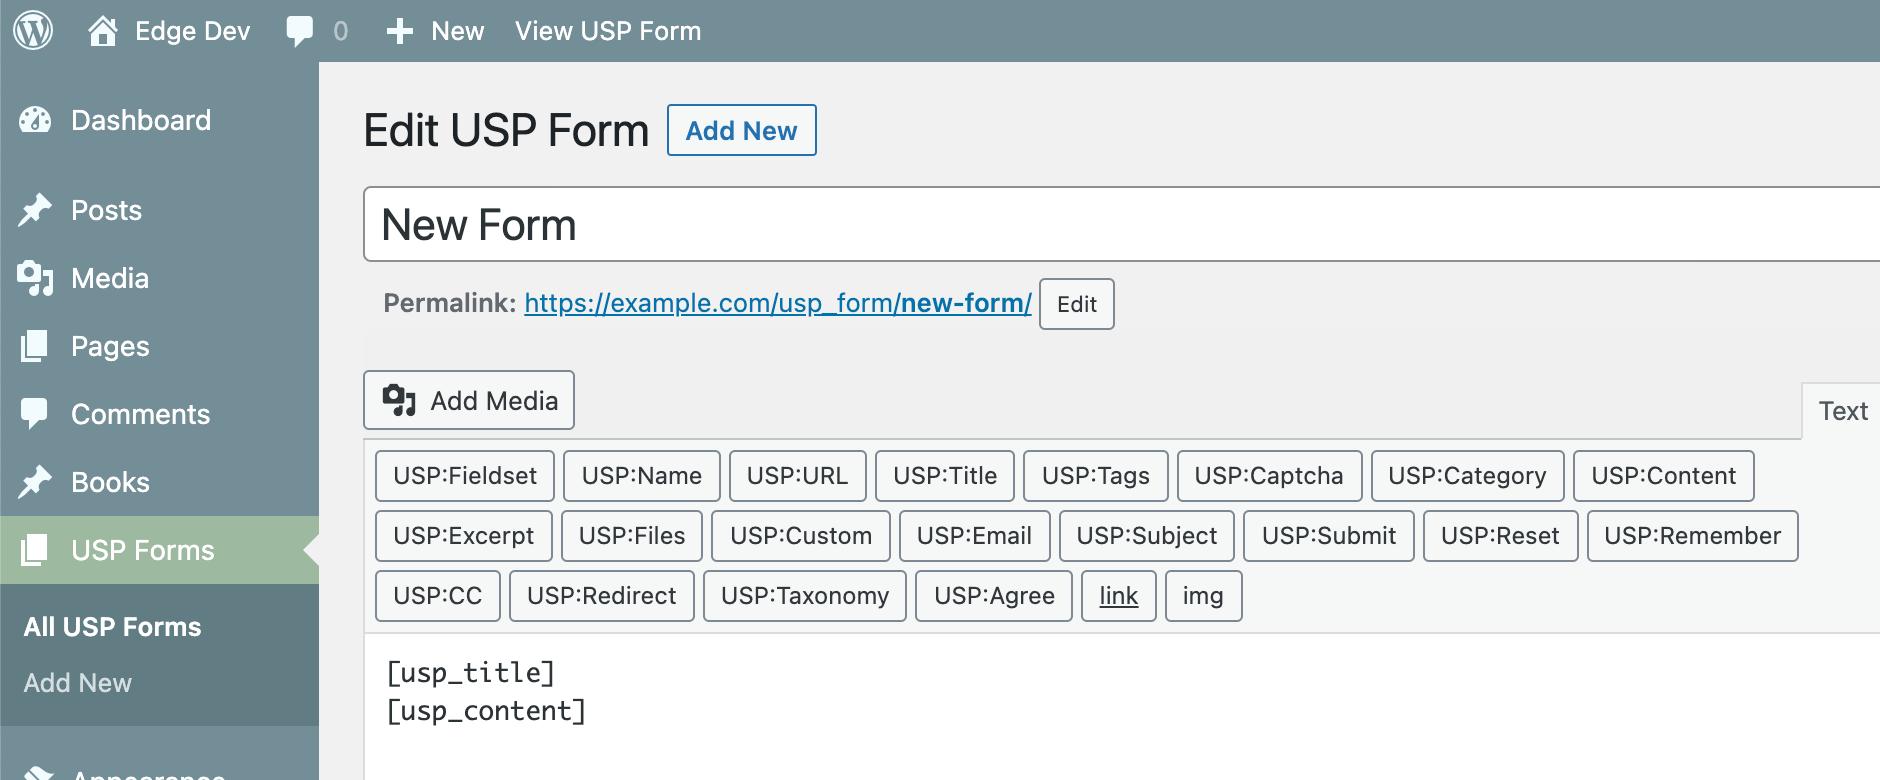 USP Pro Form Builder